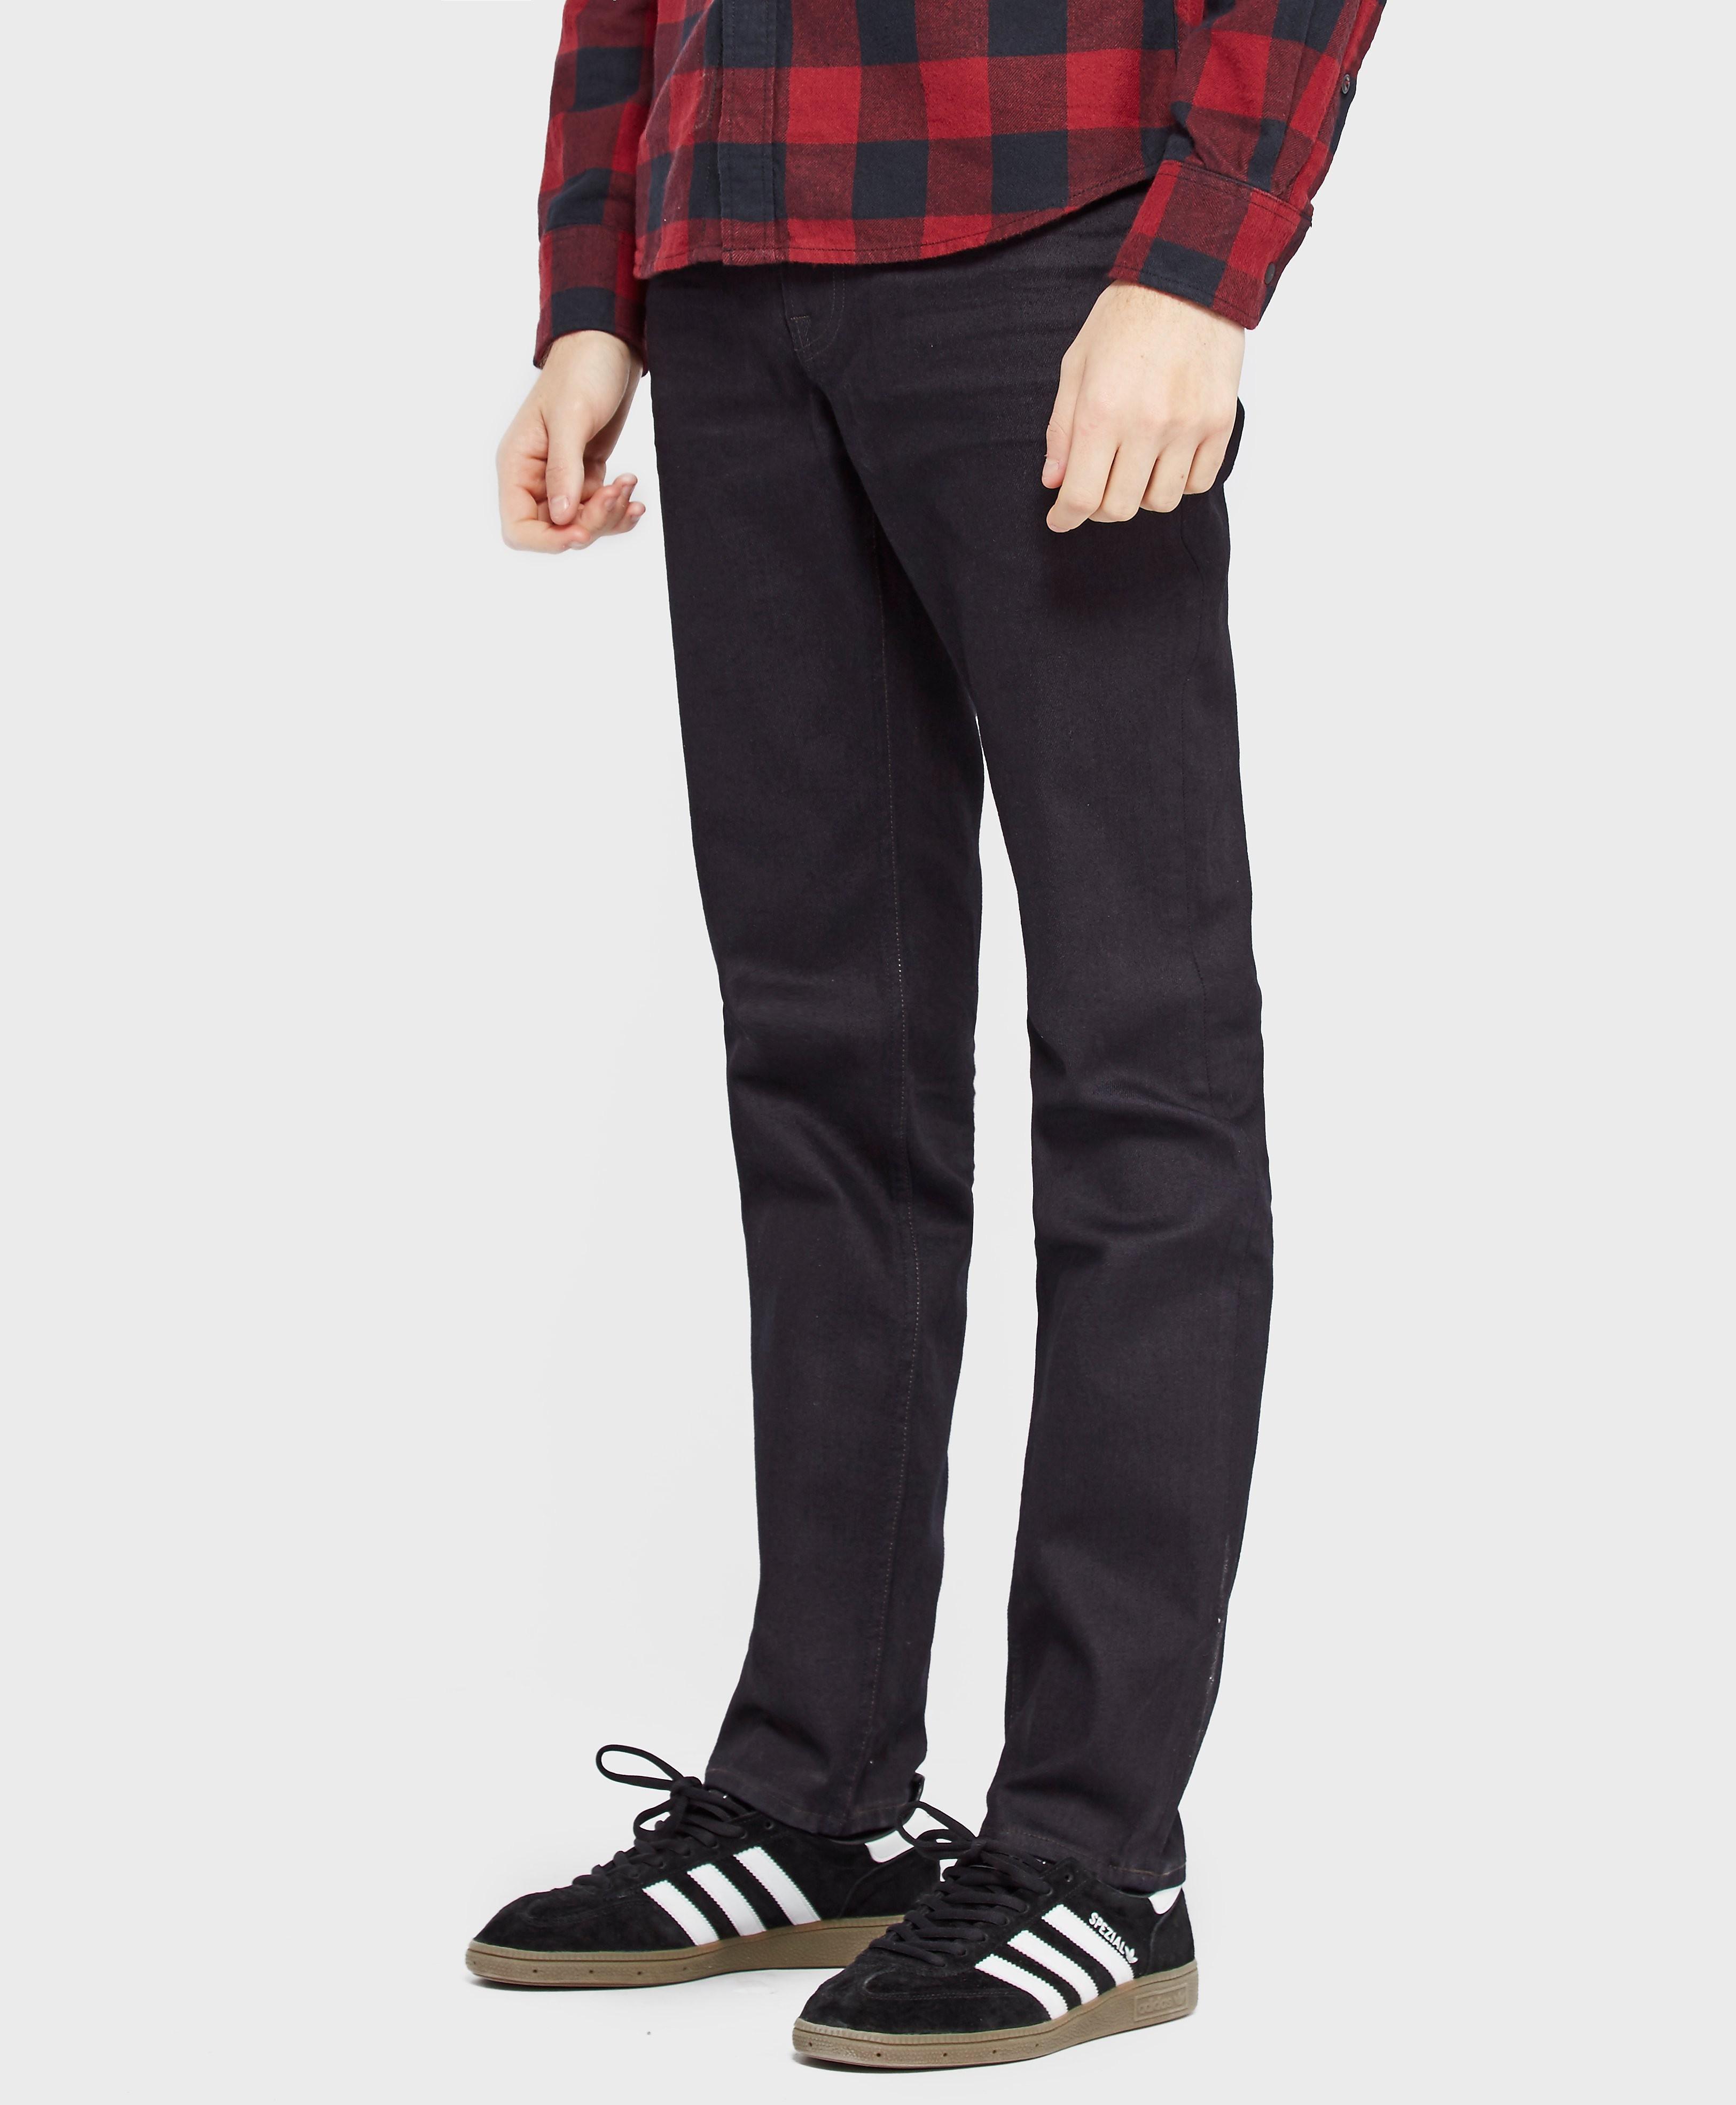 Lee Rider Regular Fit Jeans